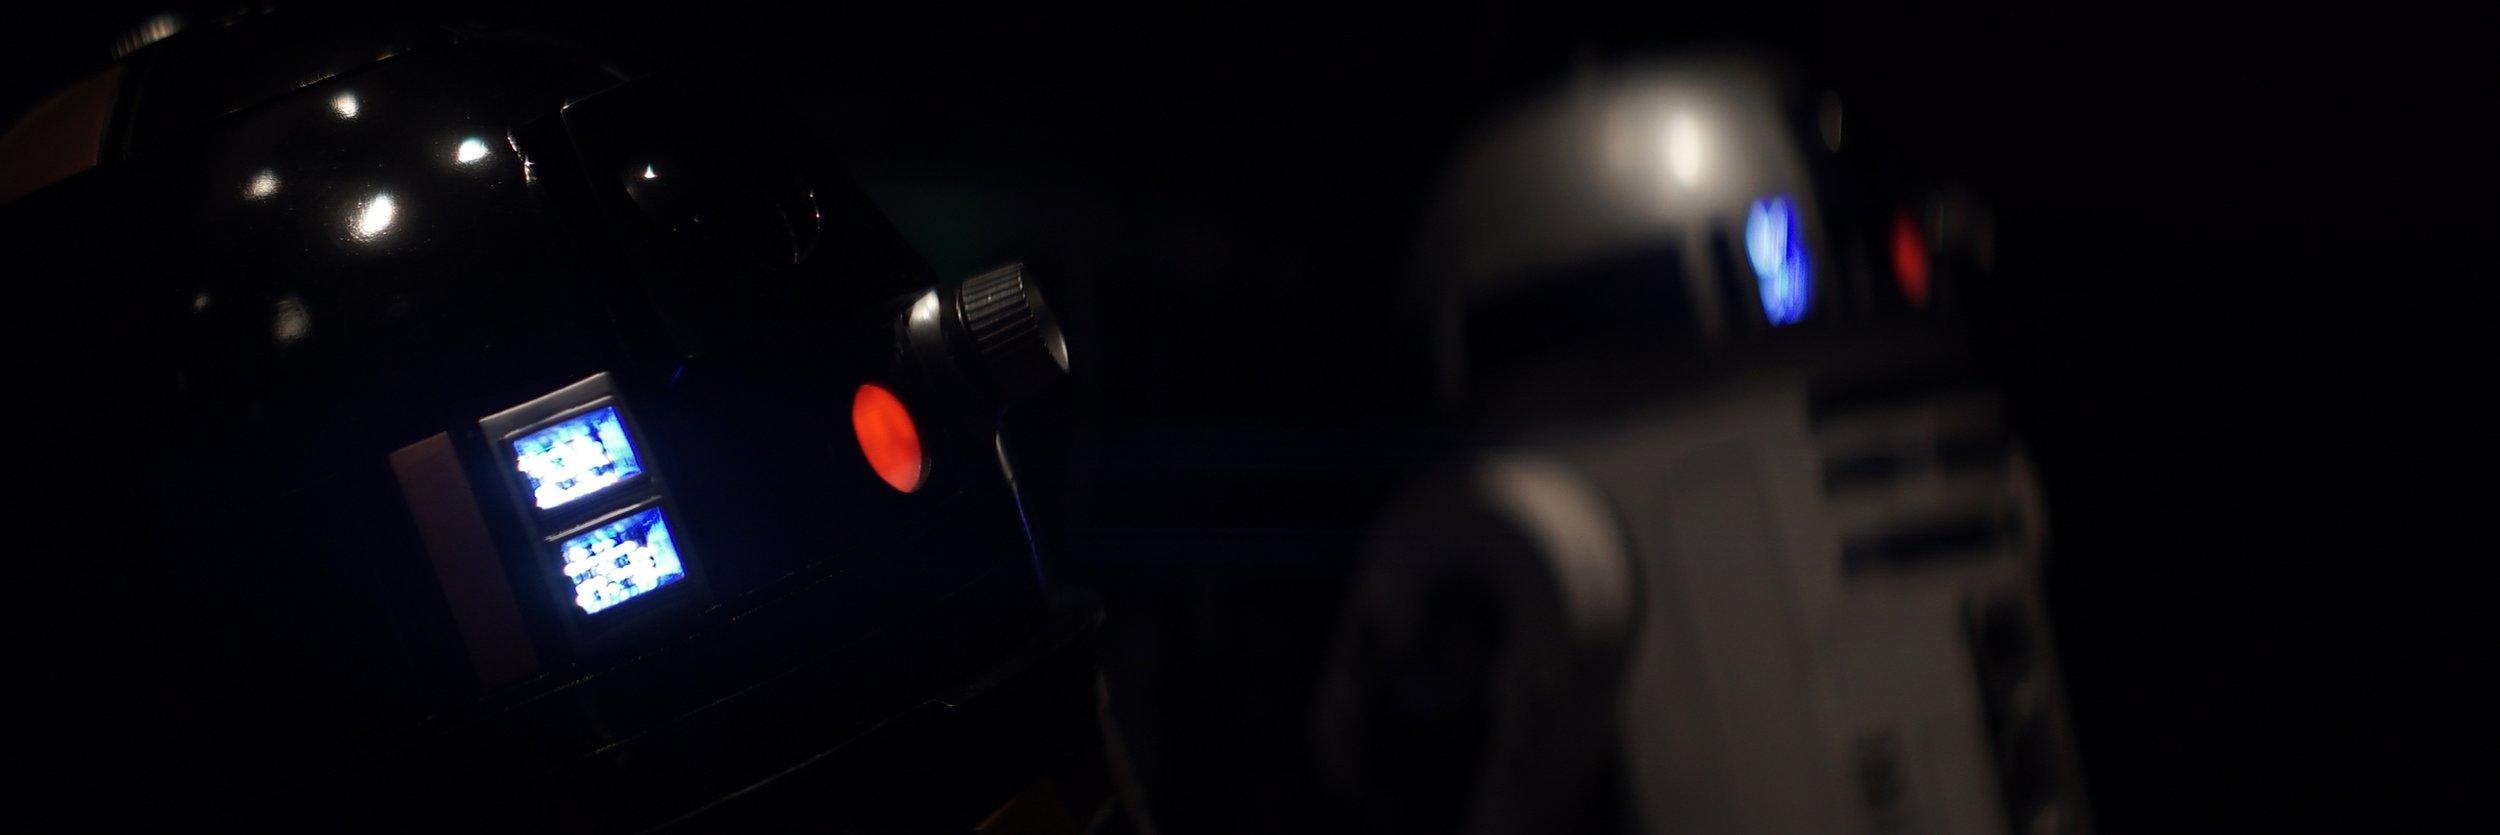 R2 & R2